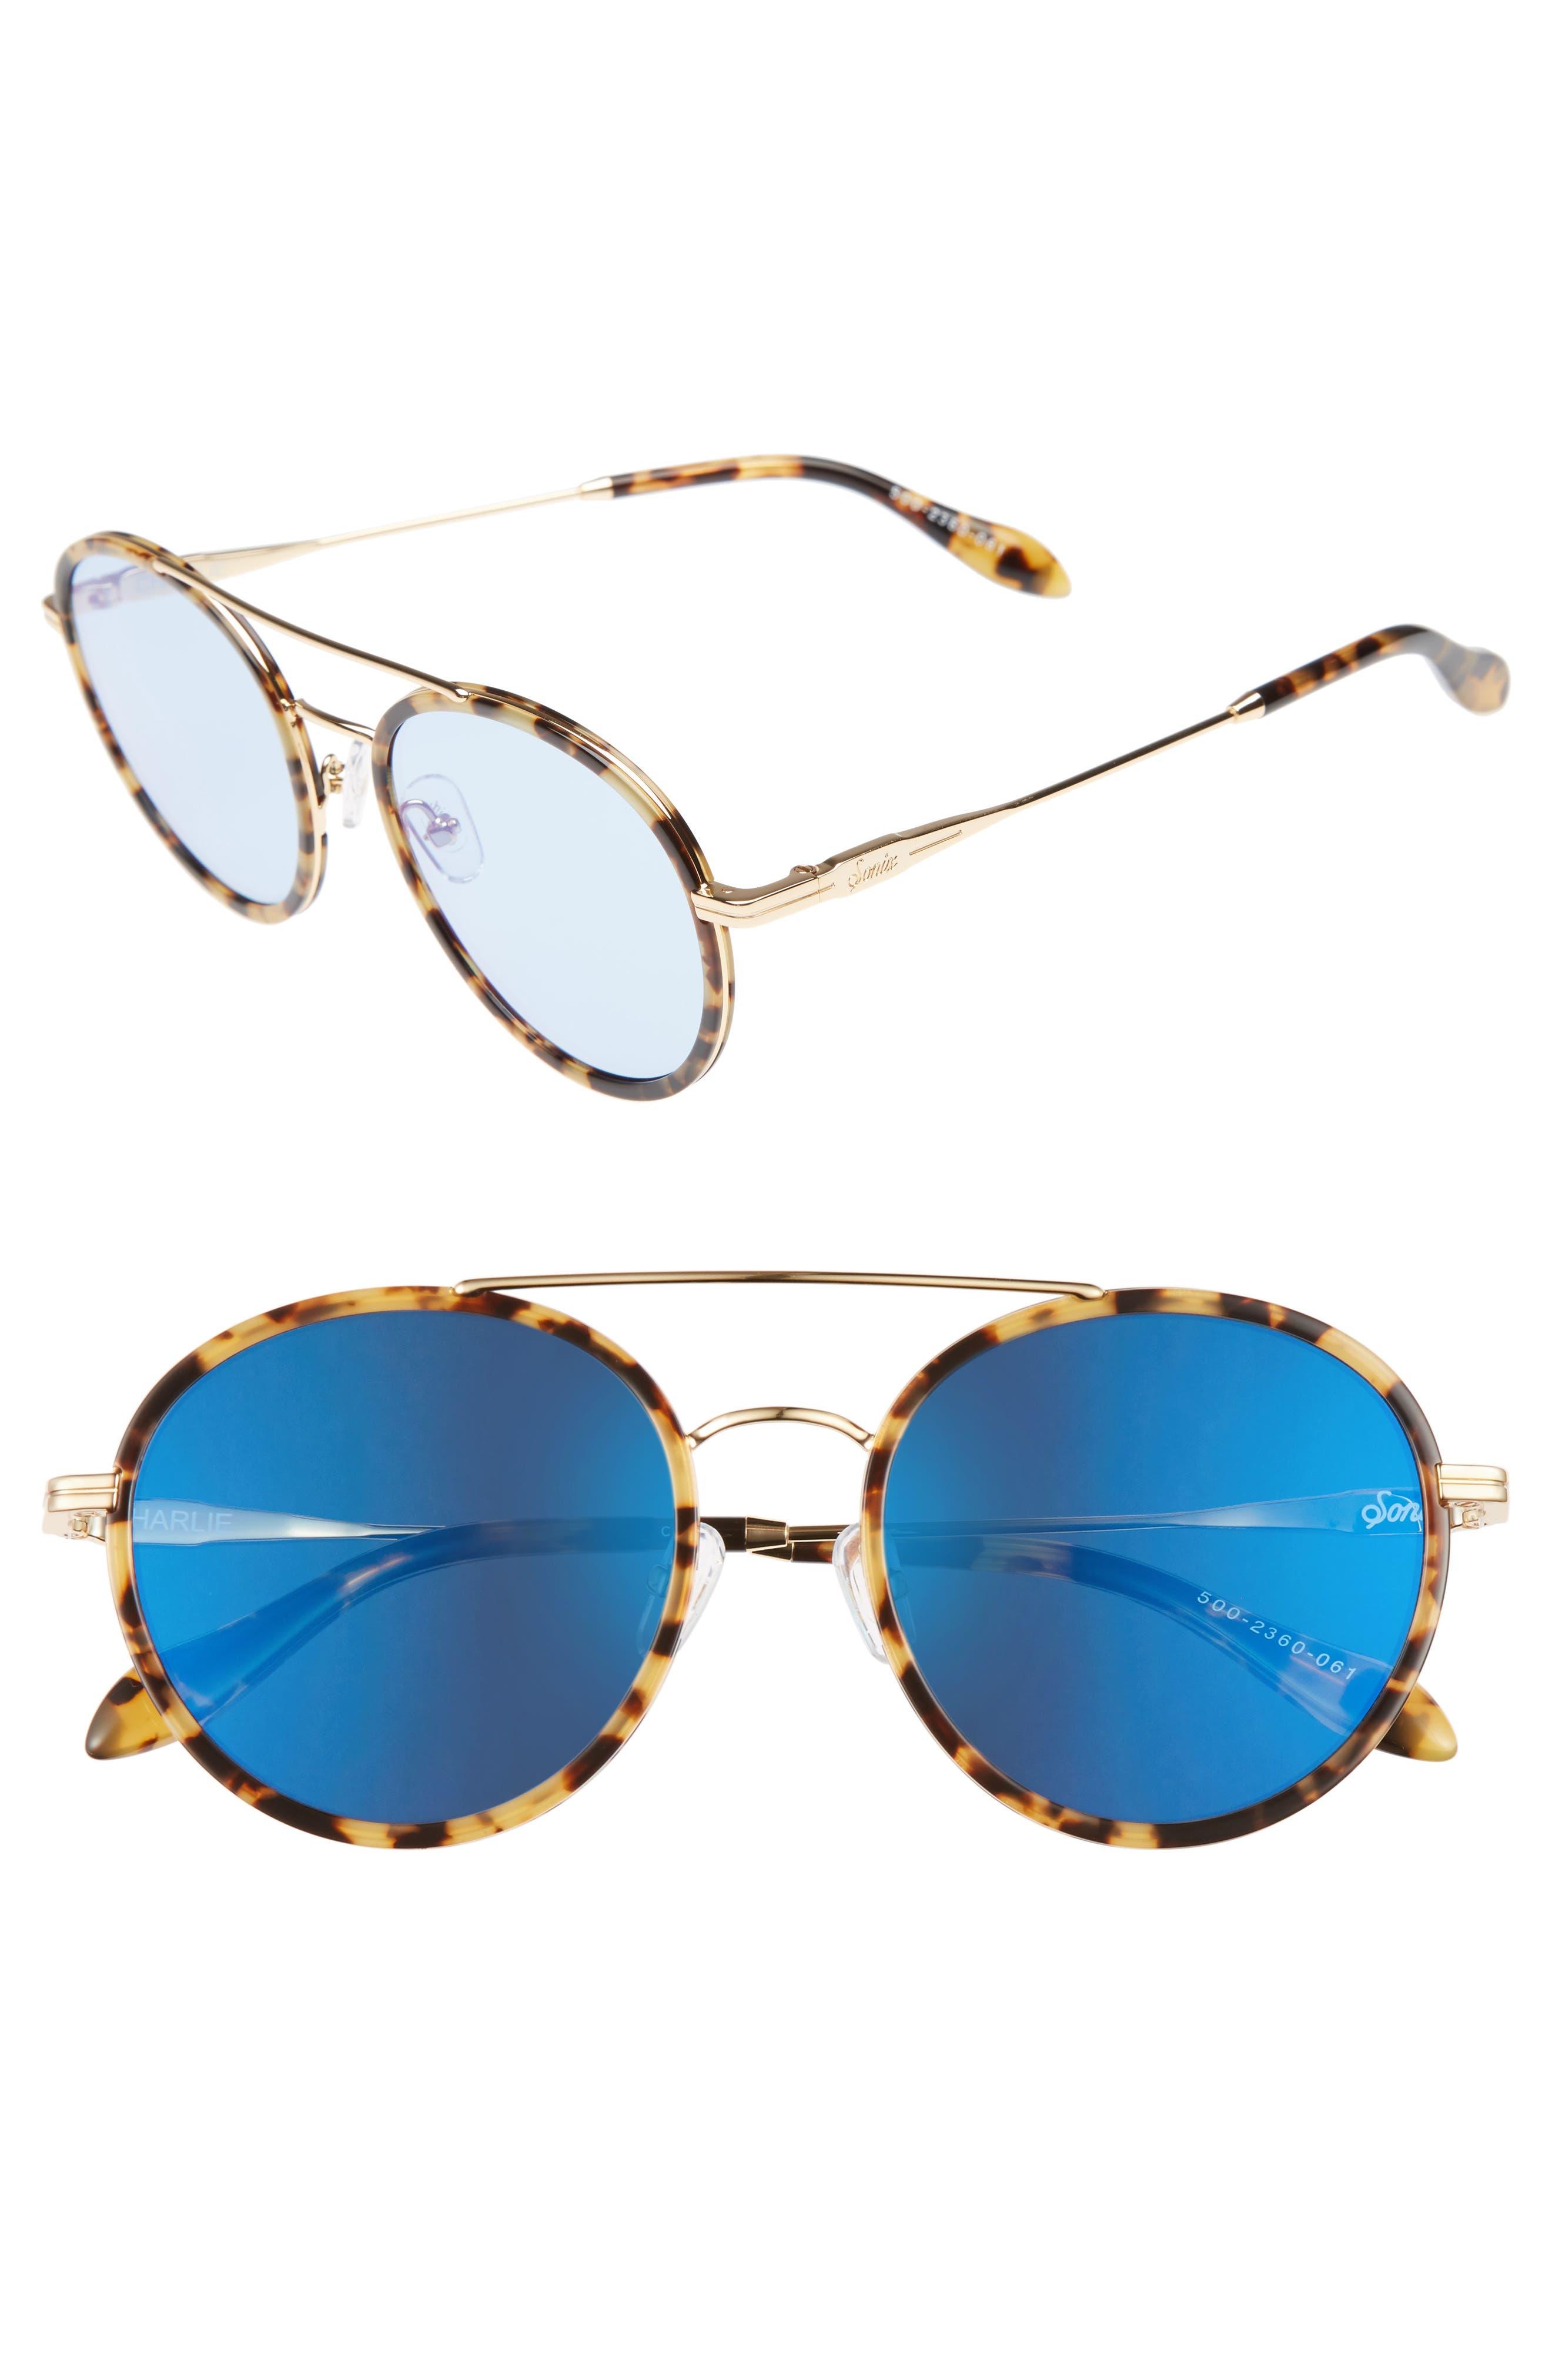 Main Image - Sonix Charli 50mm Mirrored Lens Round Sunglasses